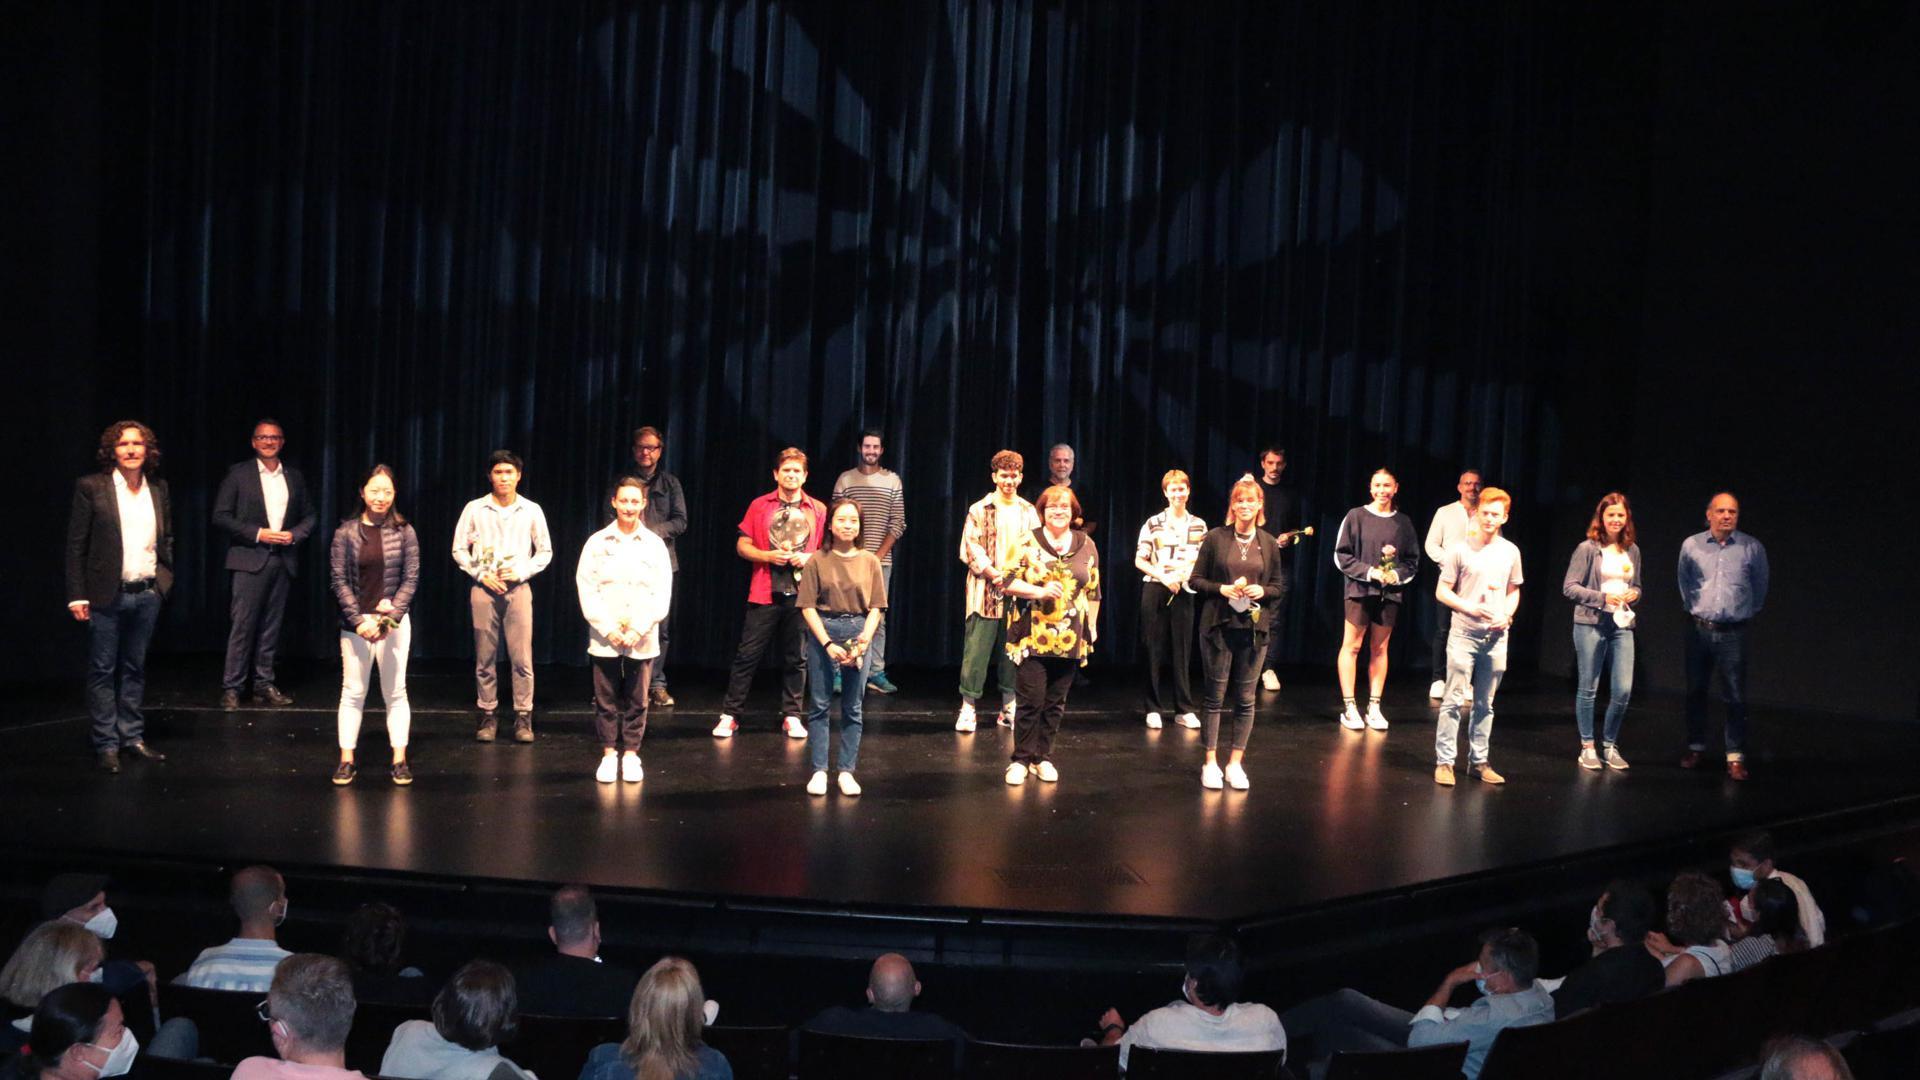 Theaterleute auf der Bühne